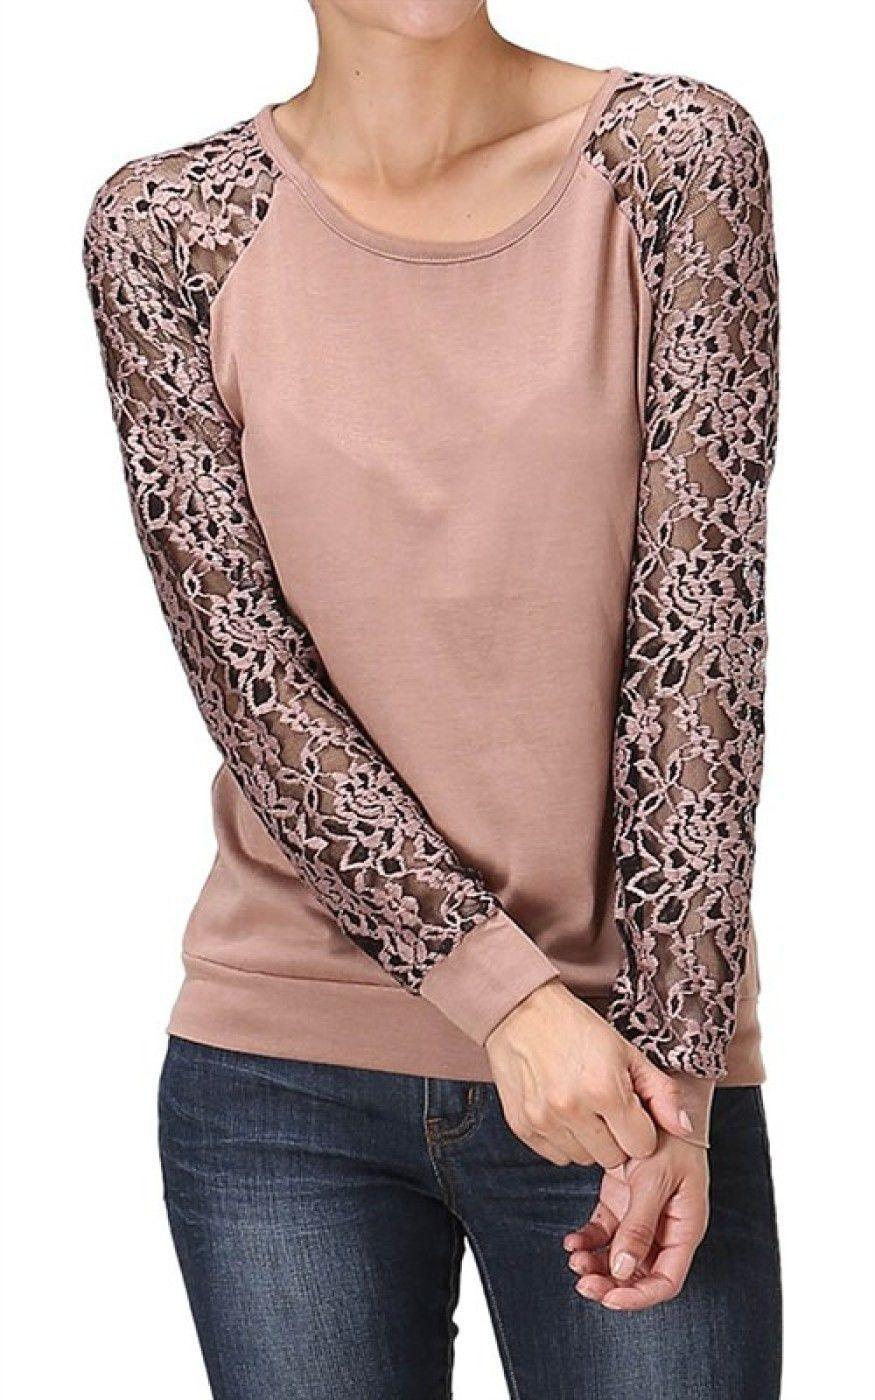 Elegante Ropa Raglan La De Moda Trajes Tejidas Sleeve Trendy Knit Linda Lace · Pullover Top Blusas wTFP7PxqCn